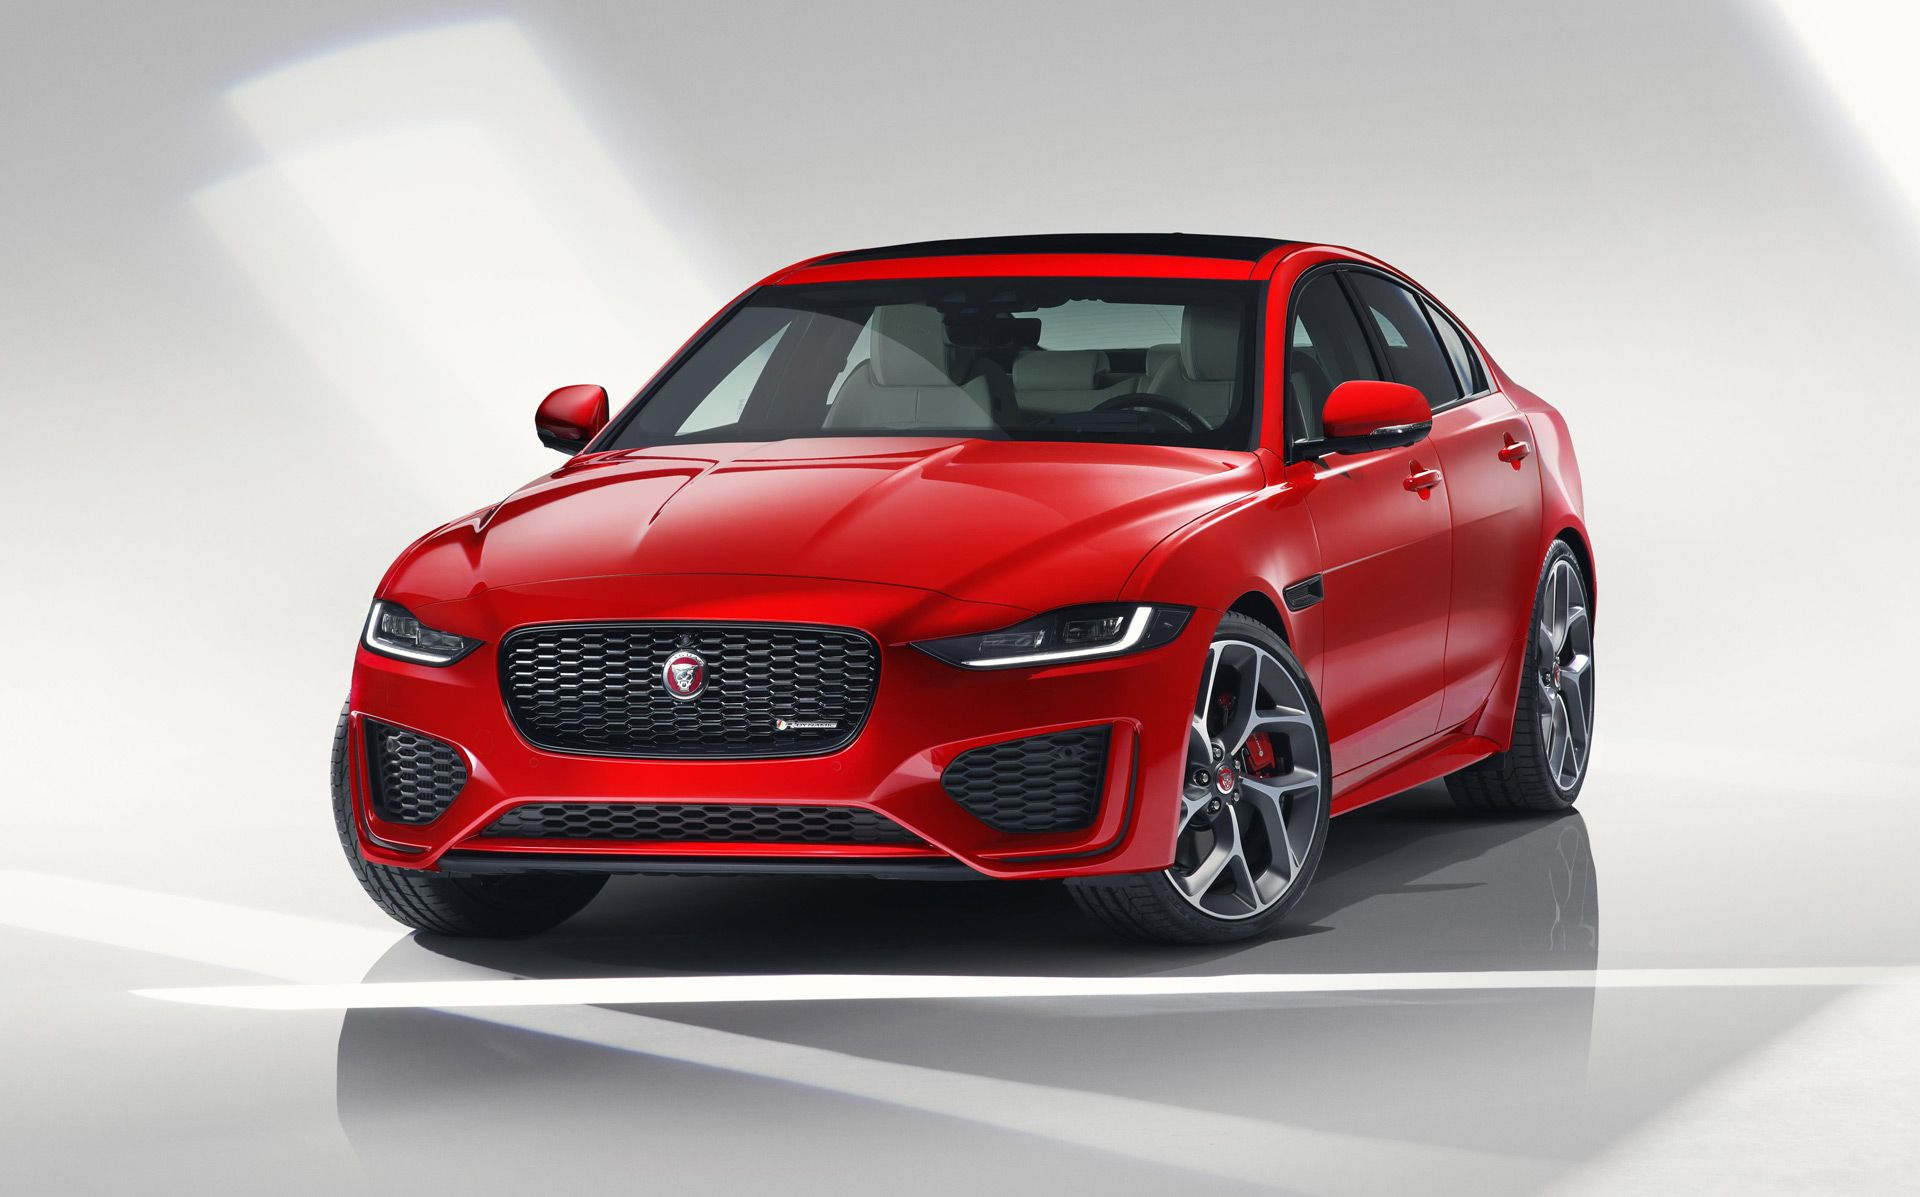 Jaguar News 2020 With Images Jaguar Xe Jaguar Car New Jaguar